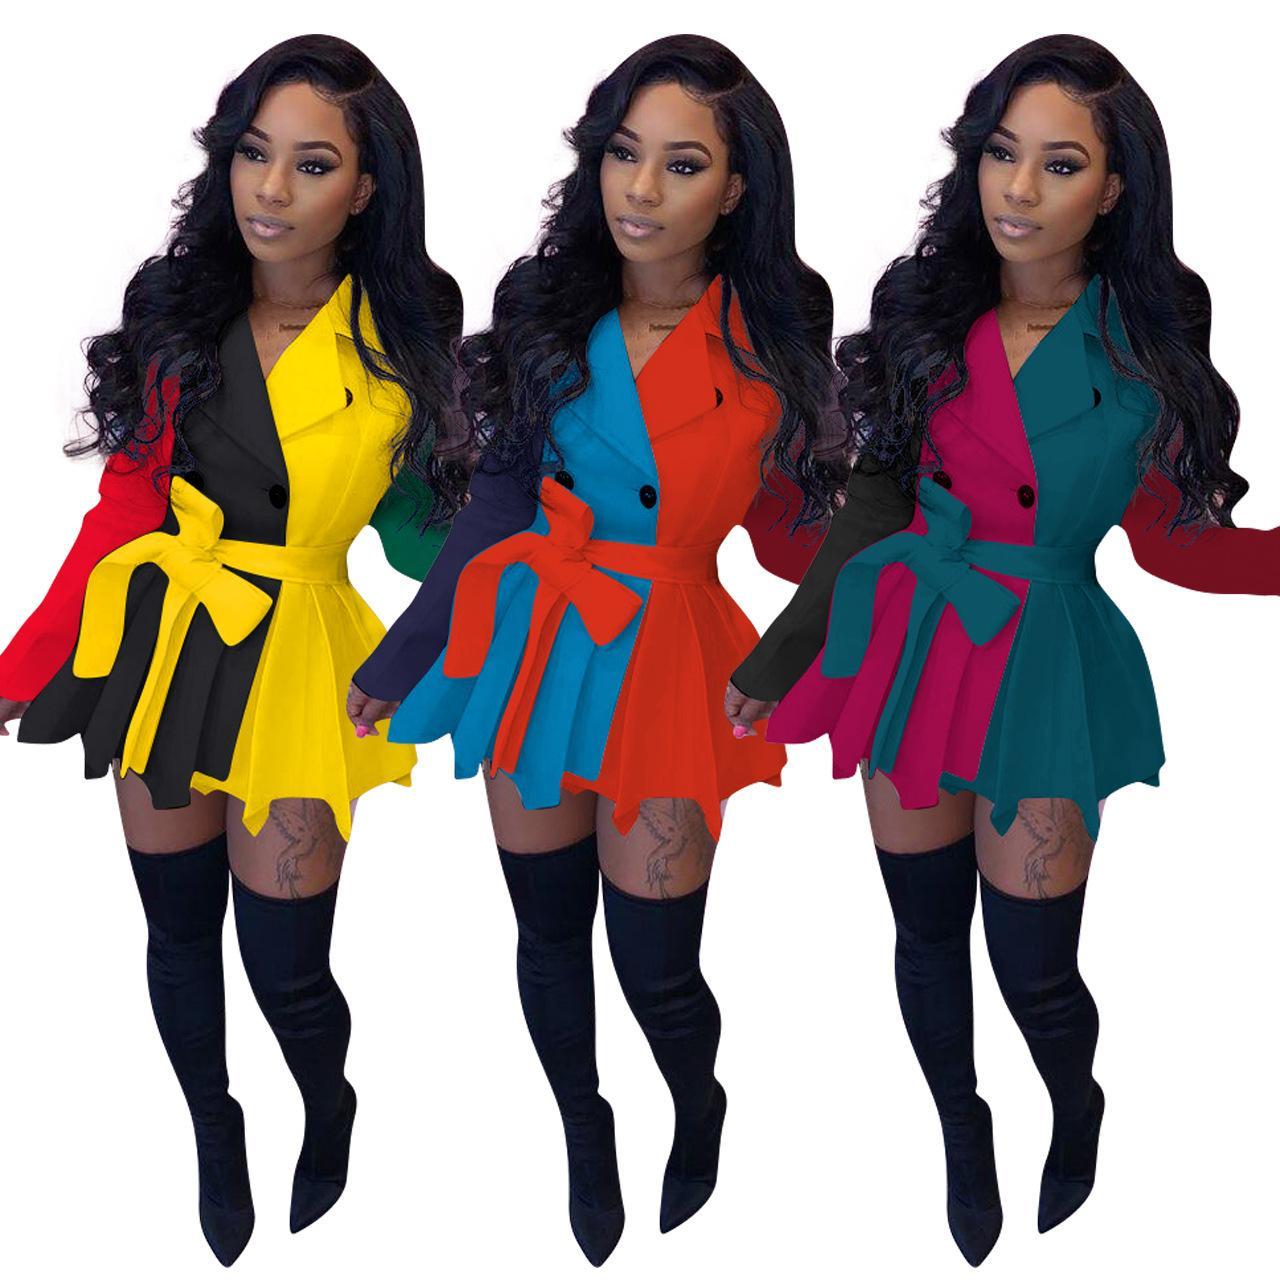 FE042 أزياء المرأة عارضة اللون مطابقة فستان طويل الأكمام للنساء